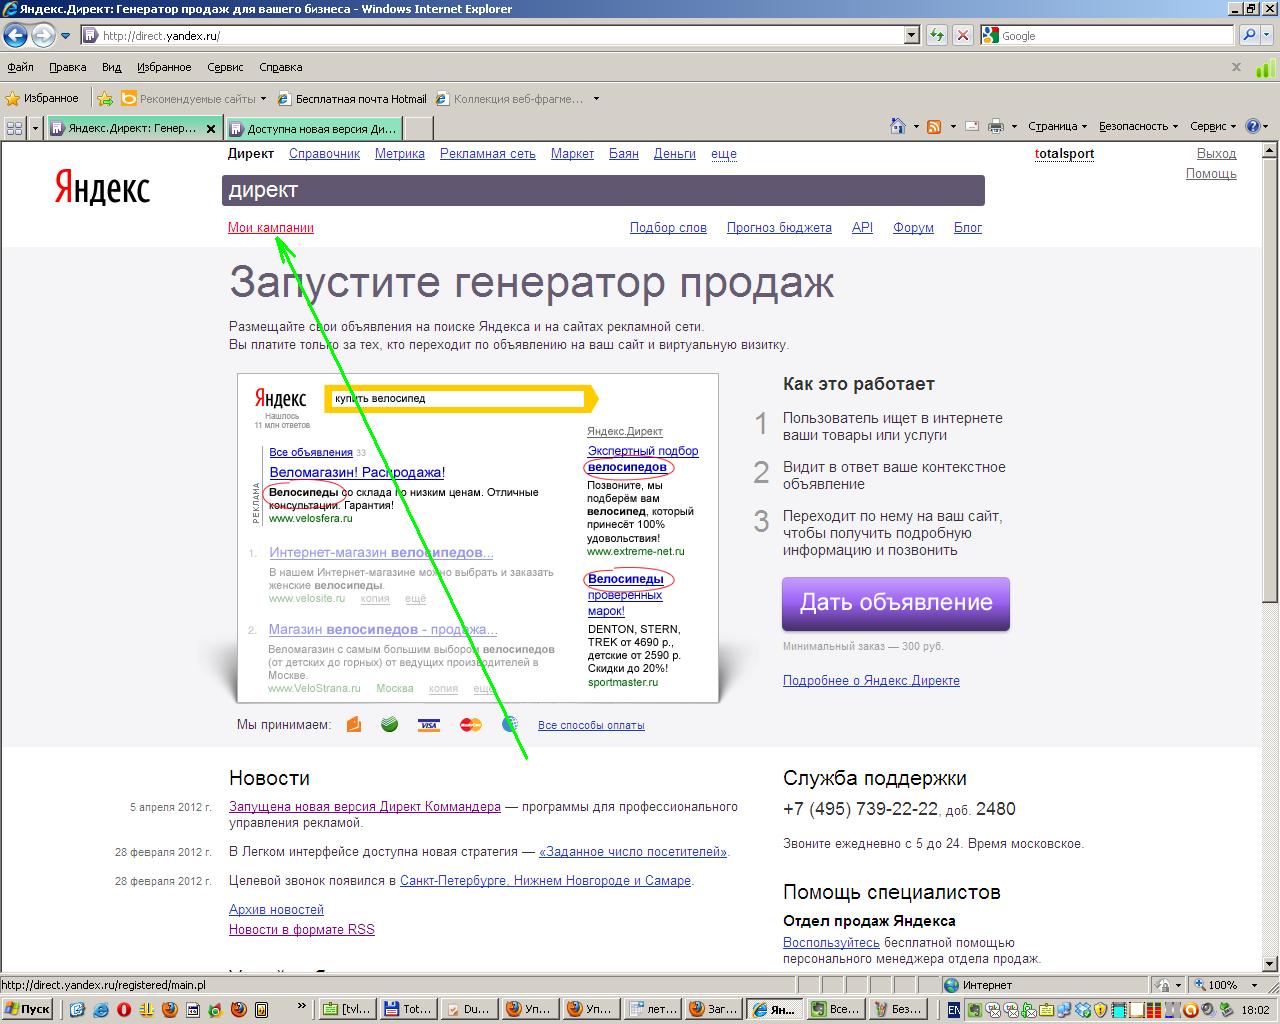 Как сделать чтобы сайт появился на яндексе